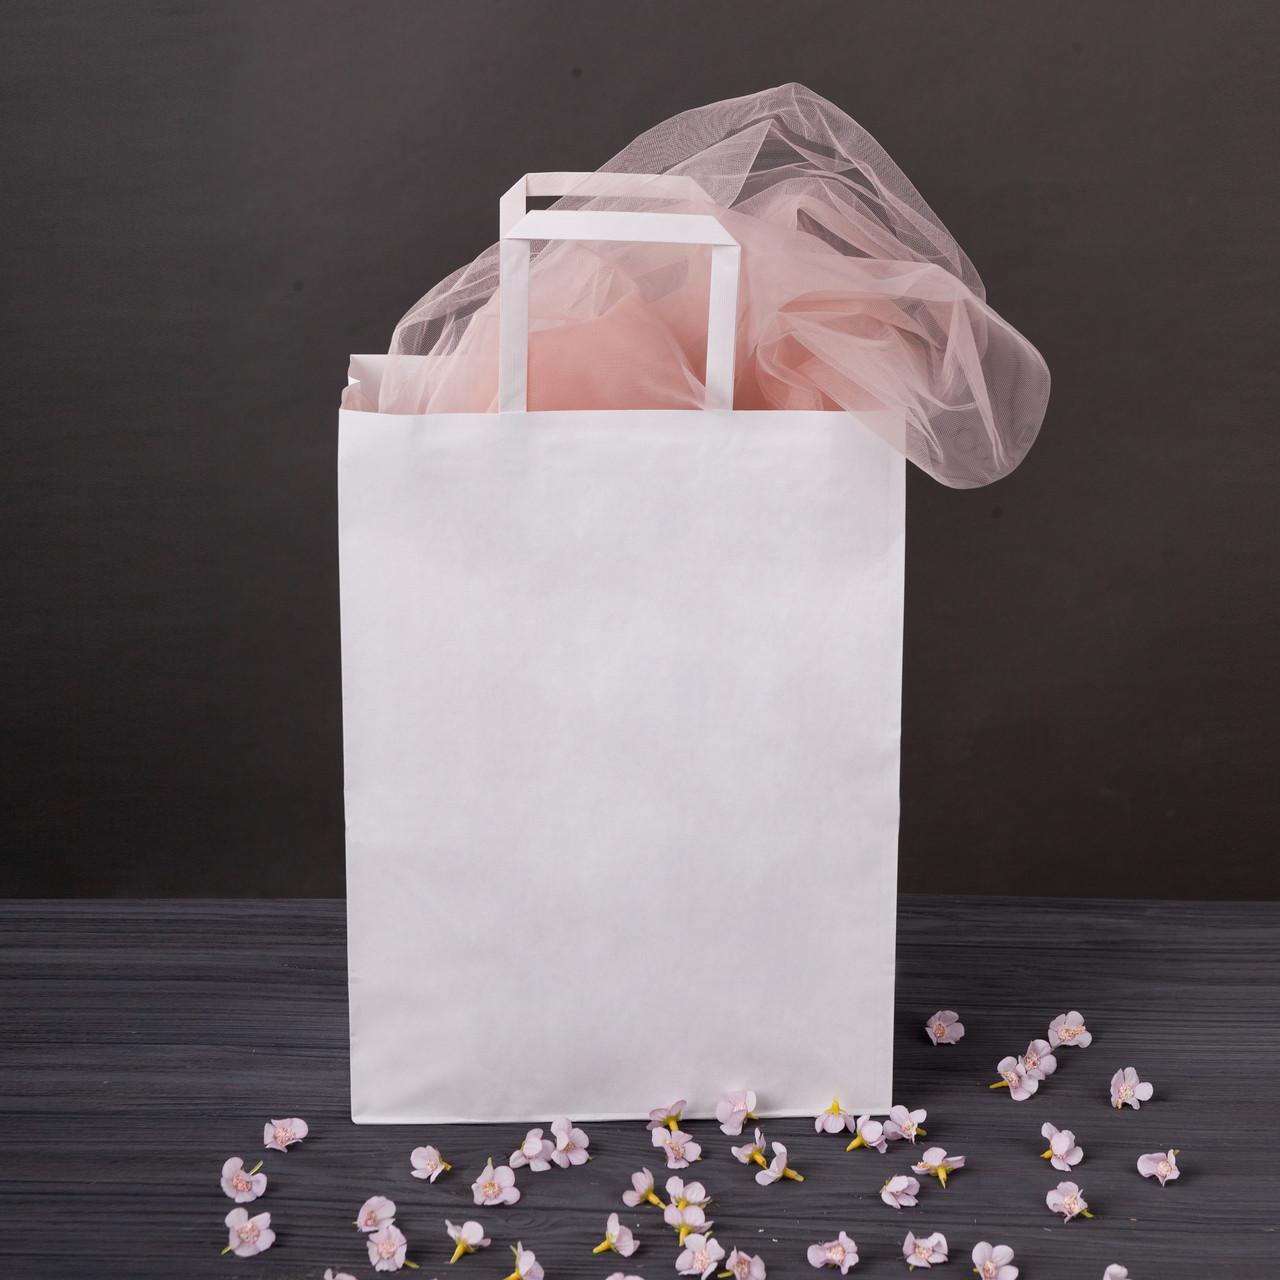 Пакет бумажный с плоскими ручками большой 320*150*380 мм белый подарочный пакет, упаковка 500 штук